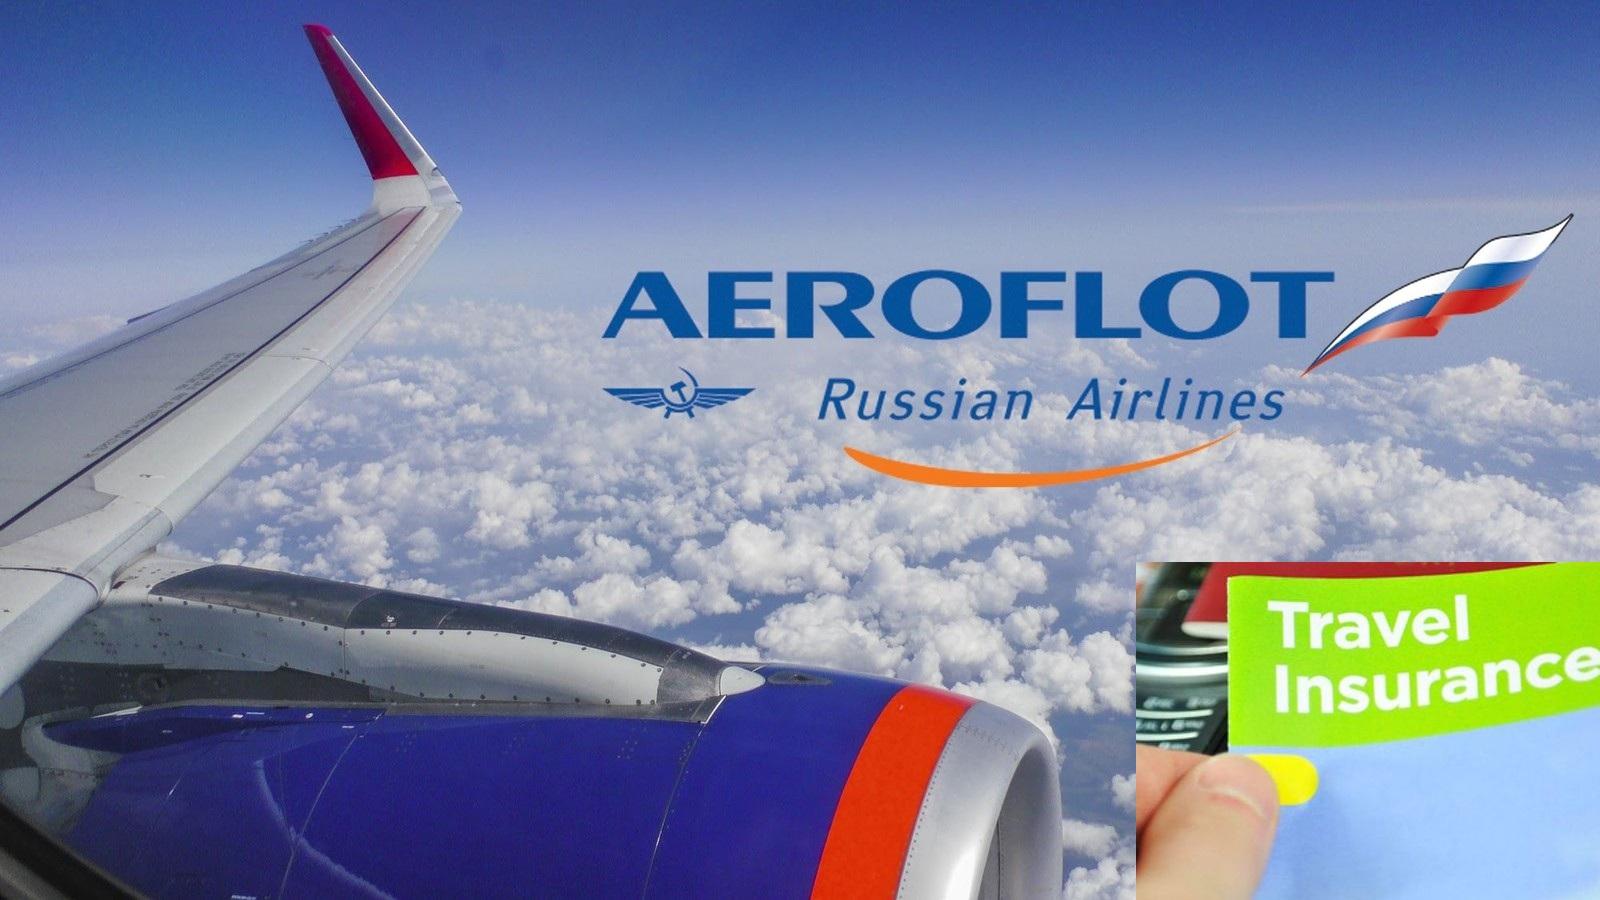 нужна ли полетная страховка аэрофлот